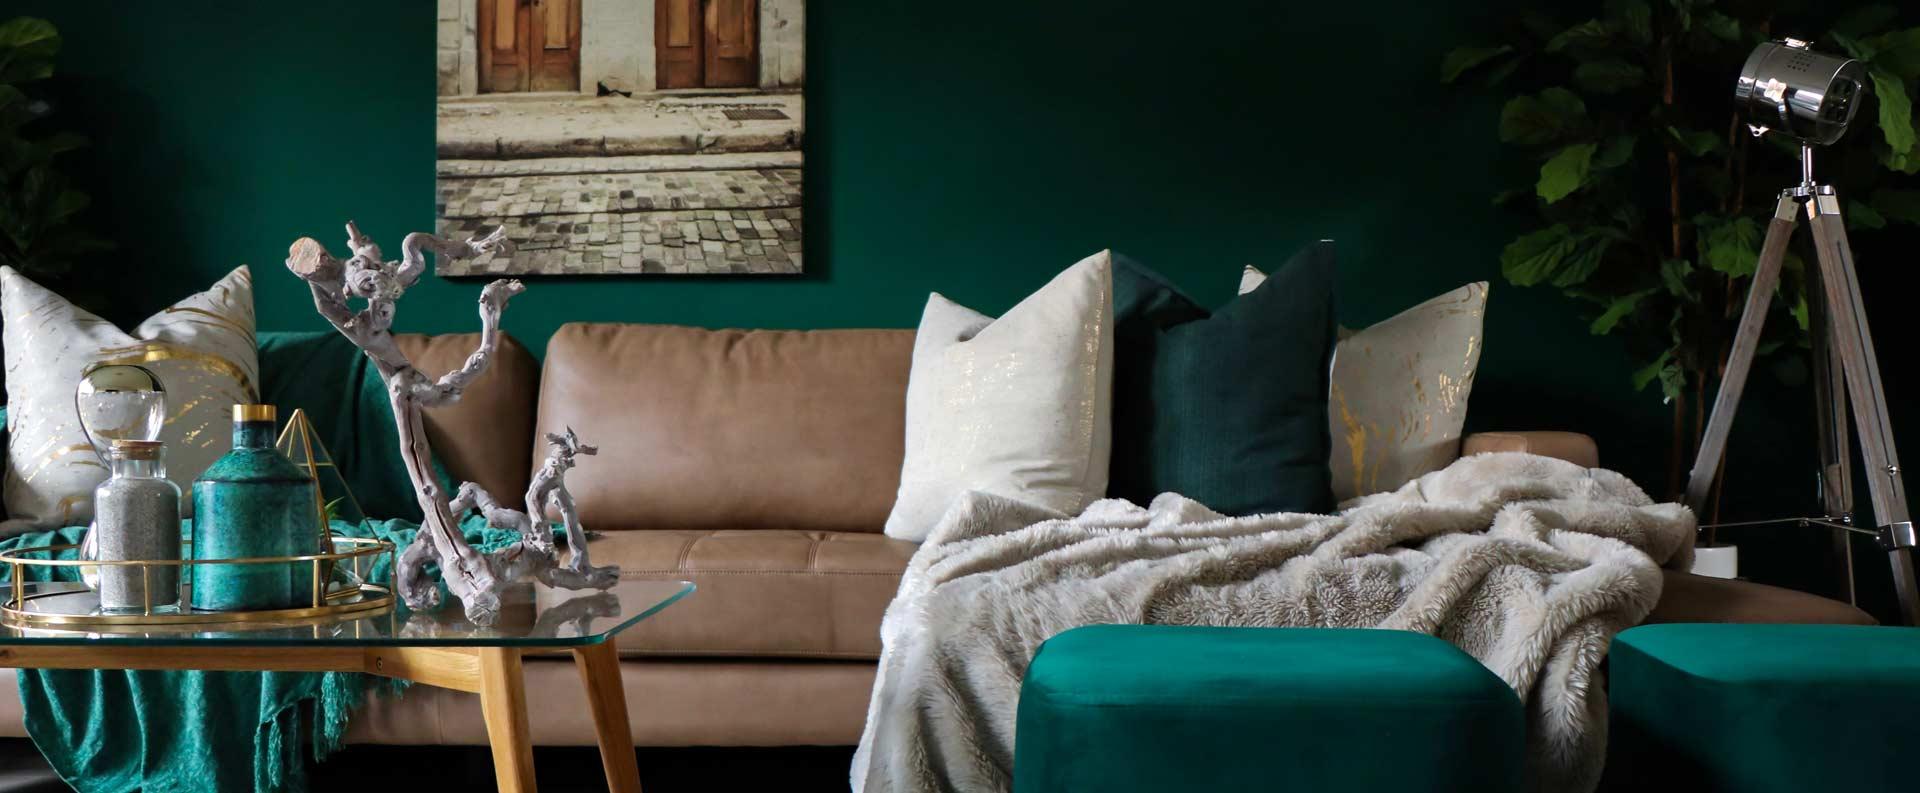 muebles-y-decoracion-en-cantabria-slide-la-garlopa01